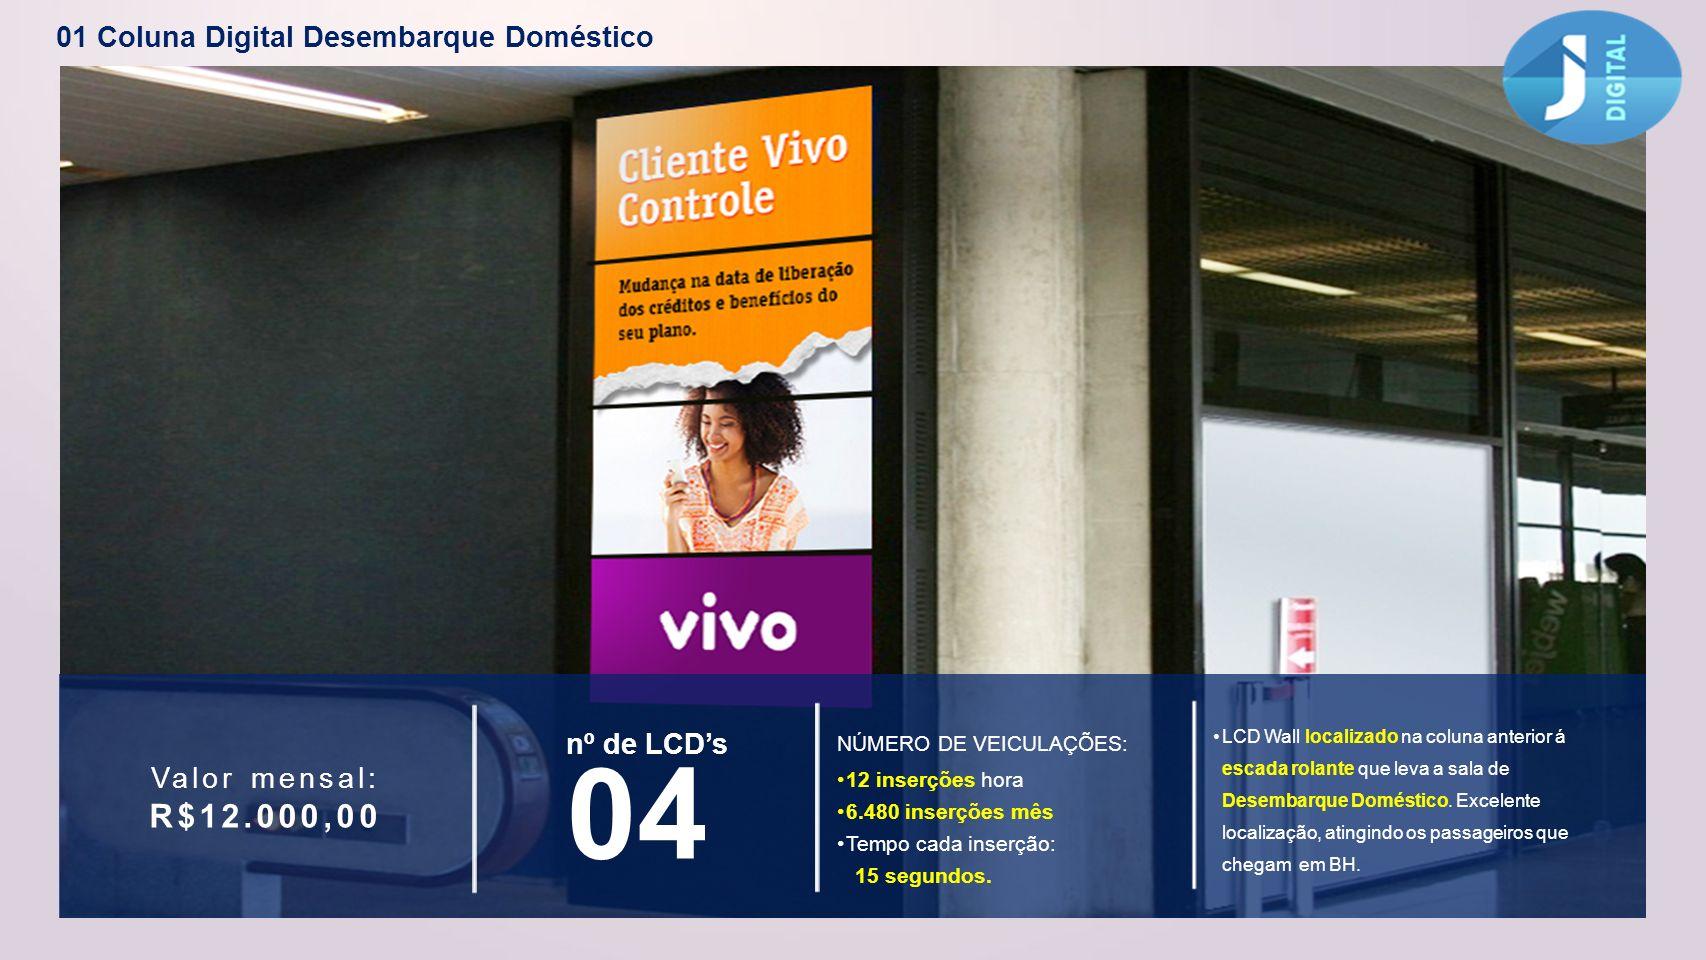 01 Coluna Digital Desembarque Doméstico R$12.000,00 Valor mensal: nº de LCDs 04 12 inserções hora 6.480 inserções mês Tempo cada inserção: 15 segundos